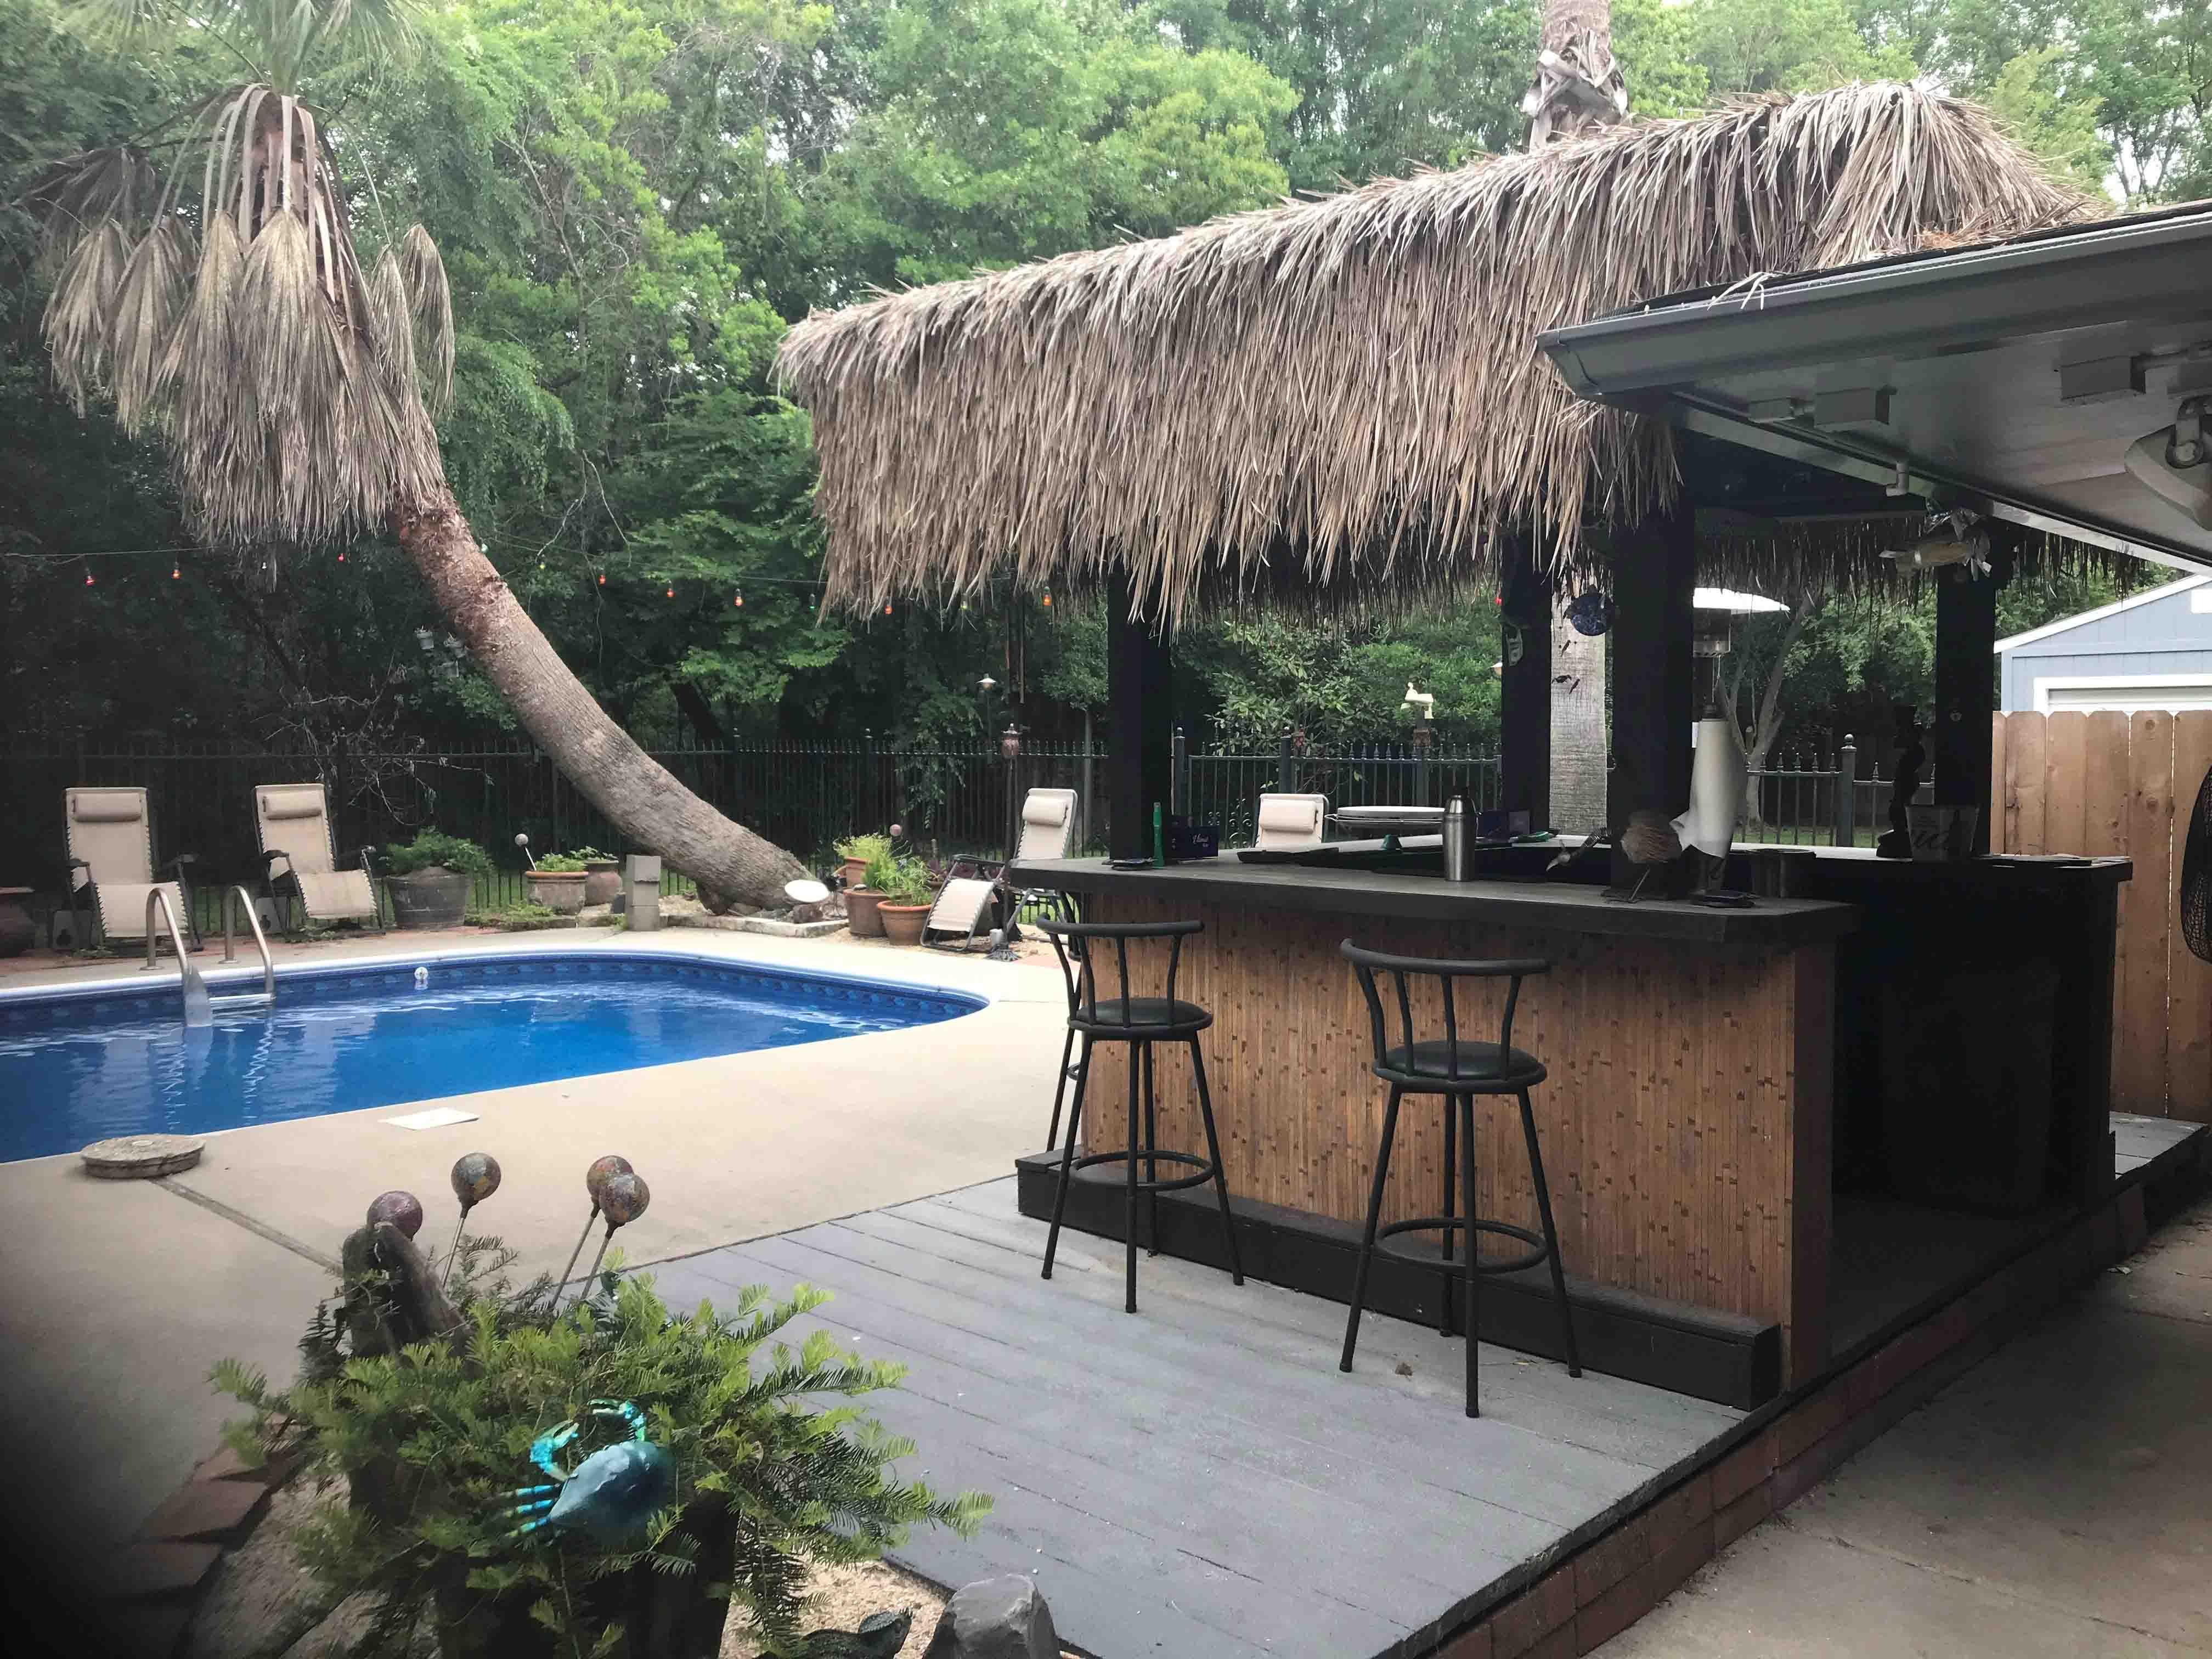 We built our own beach bar jack buckner s fish and sips for Backyard beach ideas